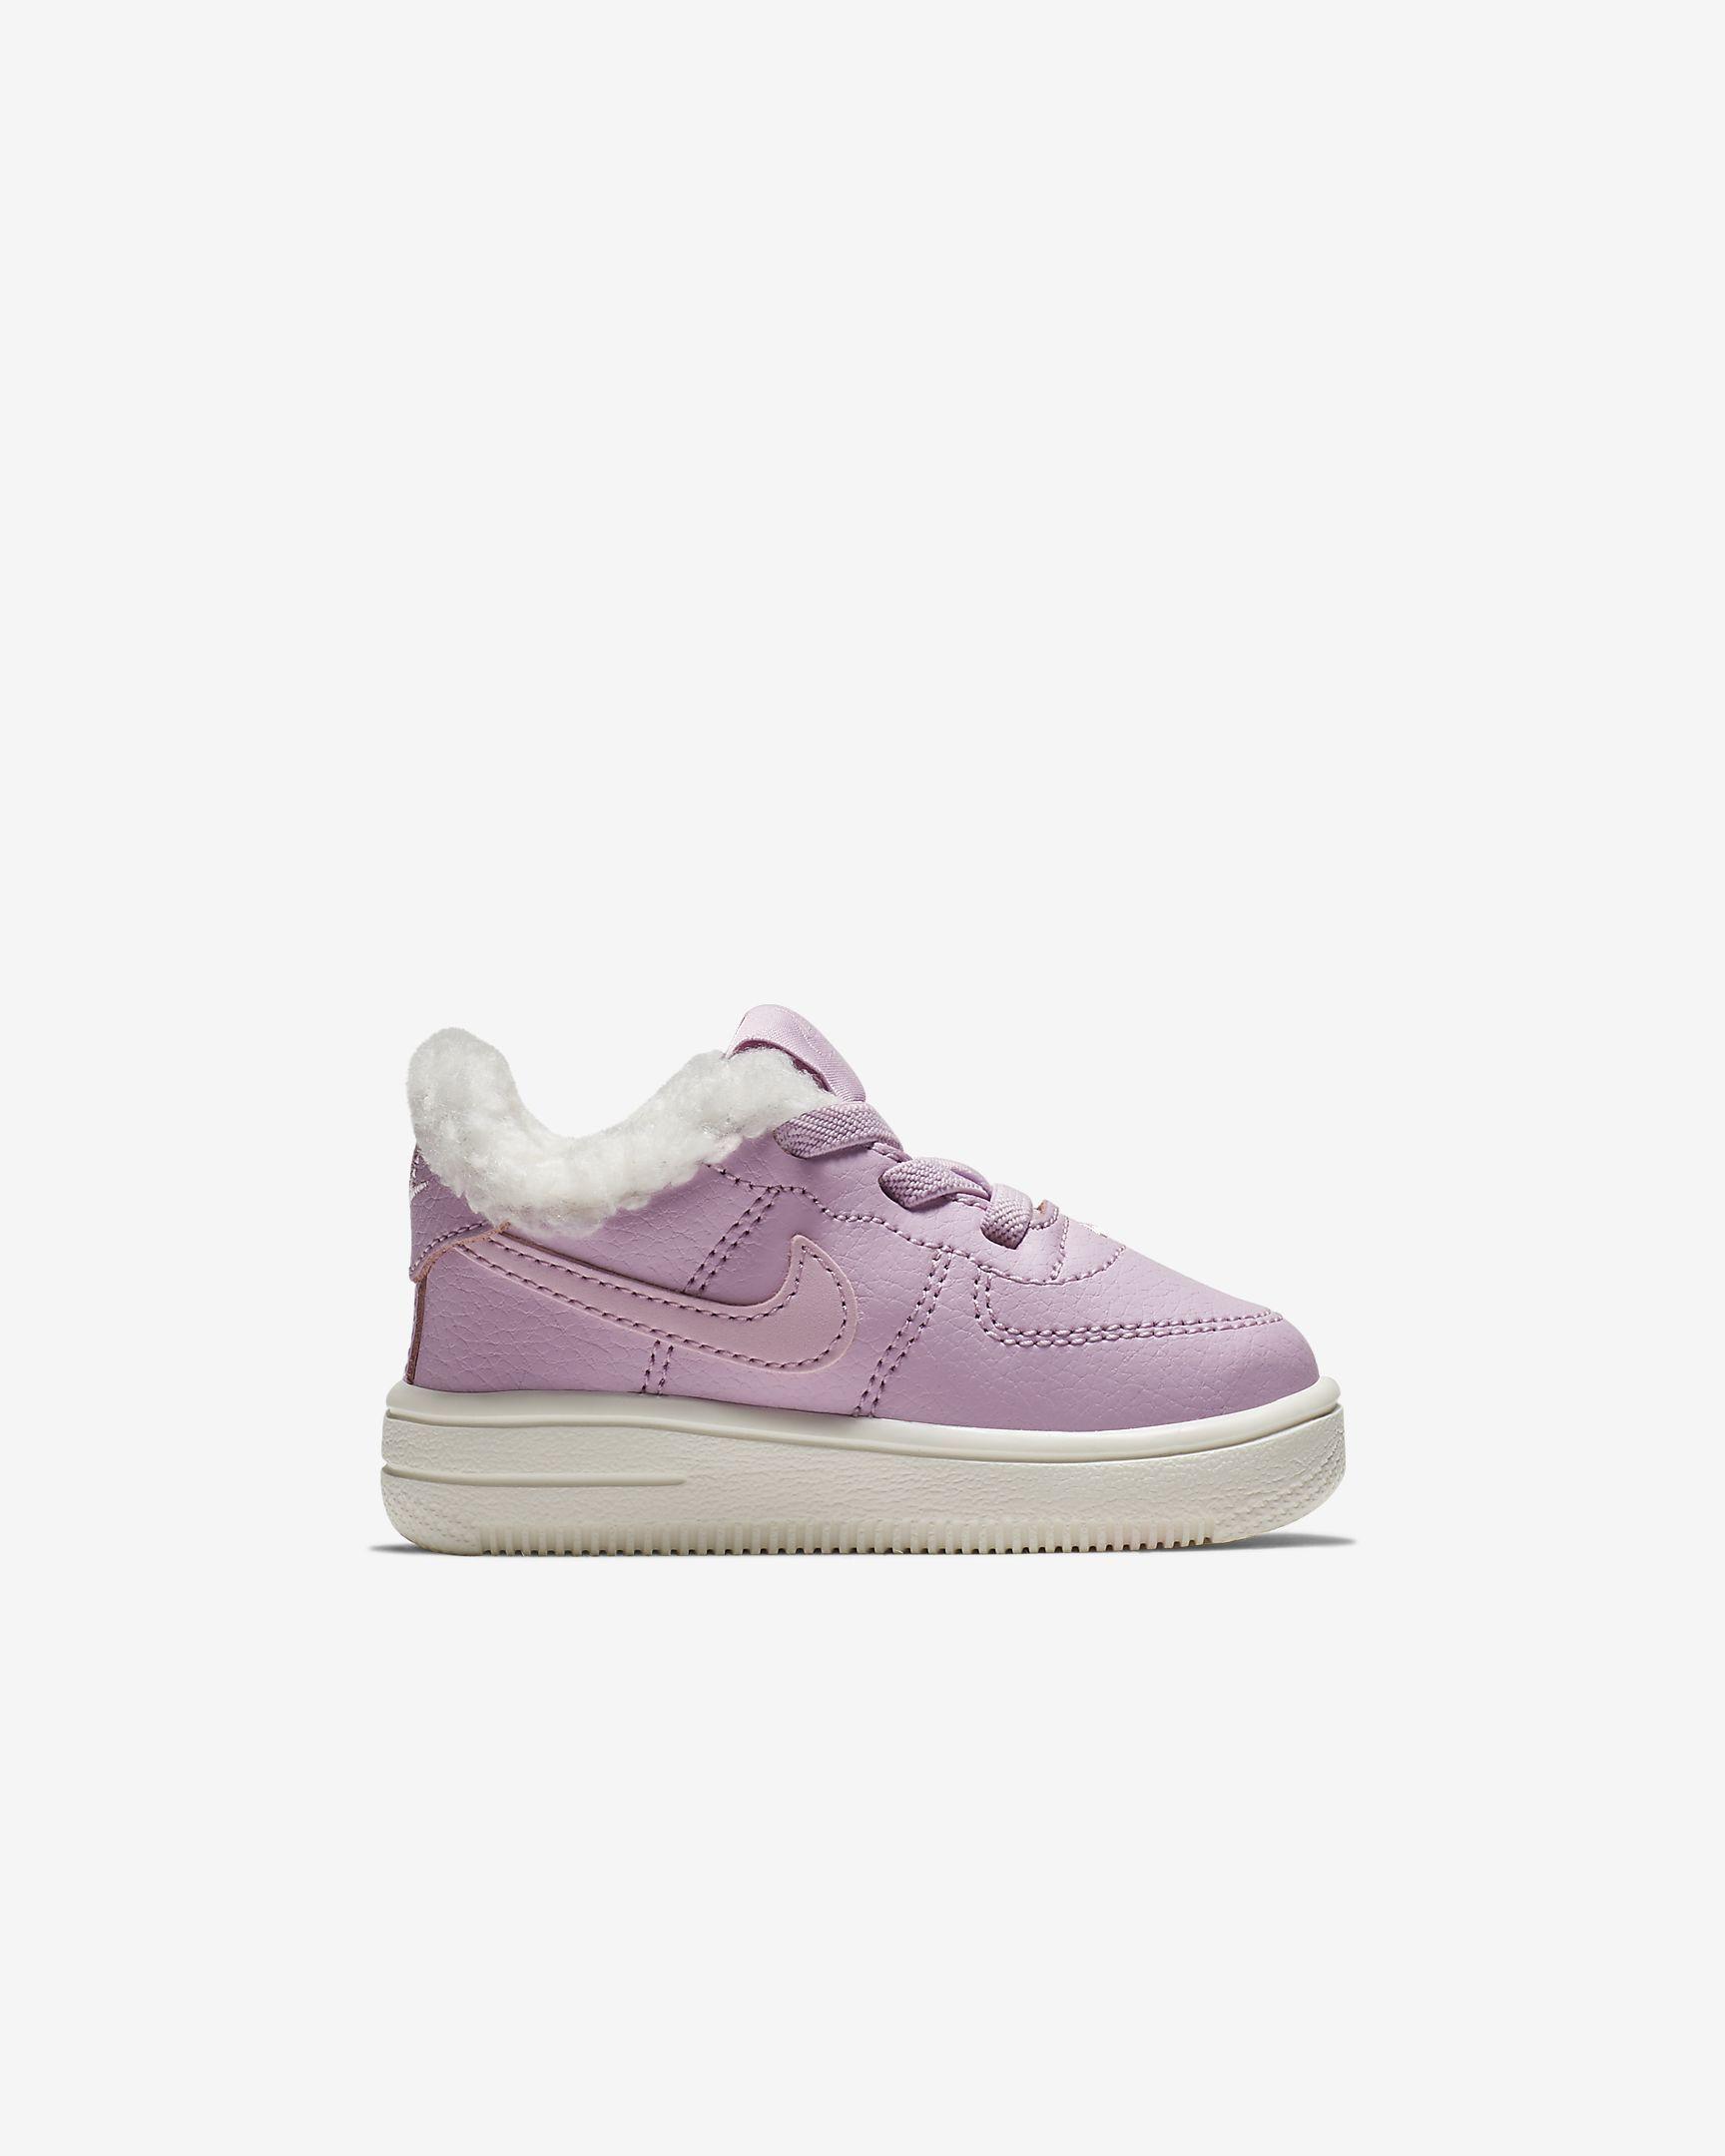 b1c3f19aa7e2d Chaussure Nike Force 1 SE pour Bébé et Petit enfant